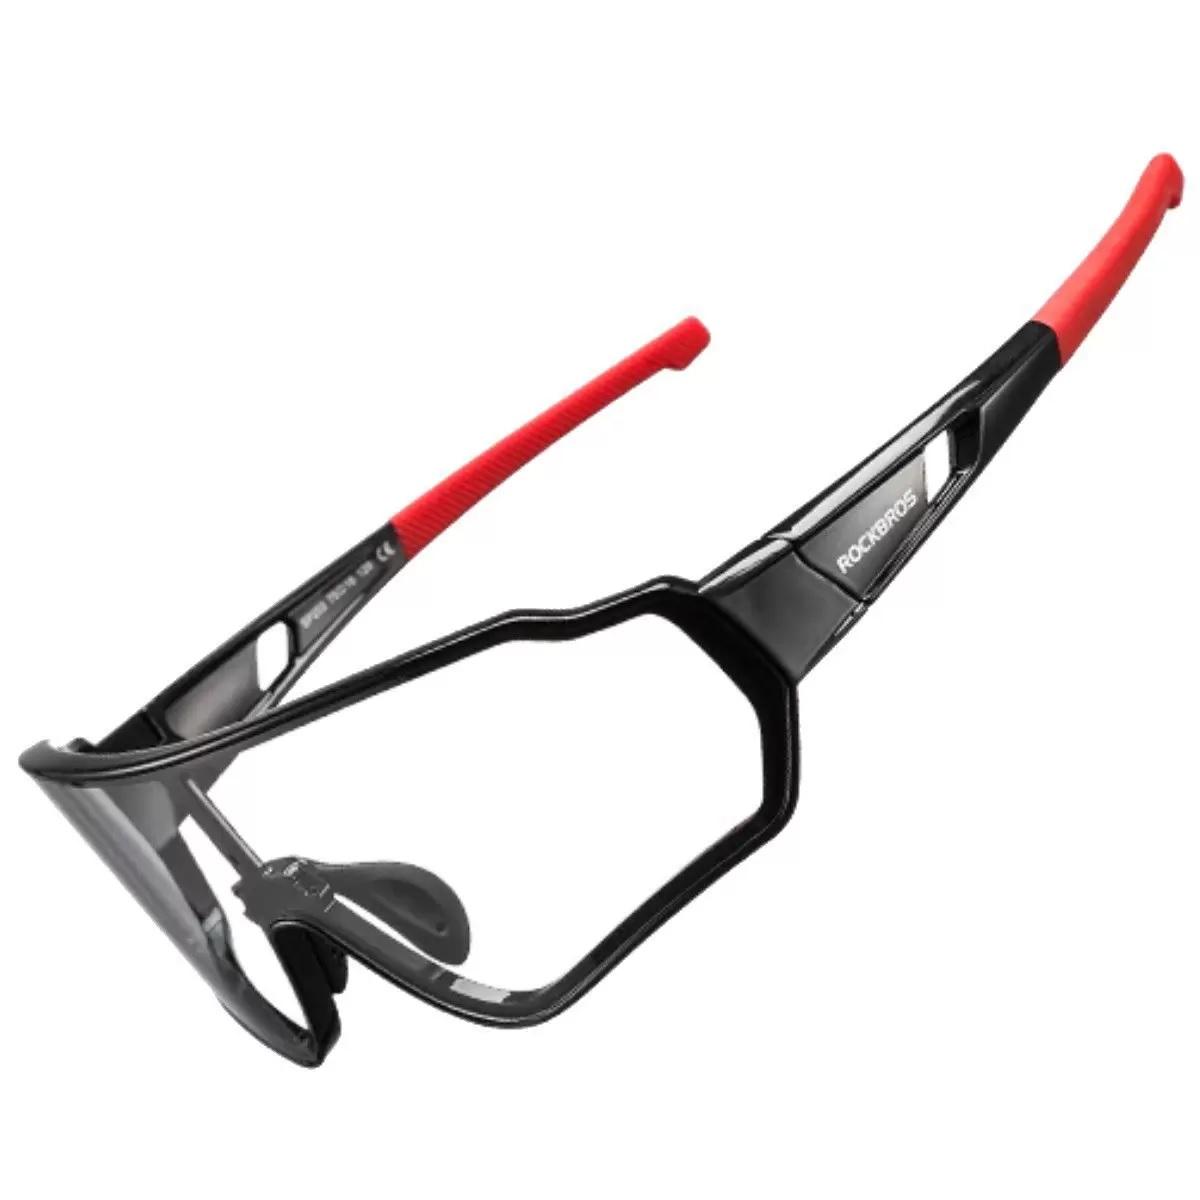 Óculos Rockbros - Ciclismo RB-10135 - c/ Clip para Lentes de Grau